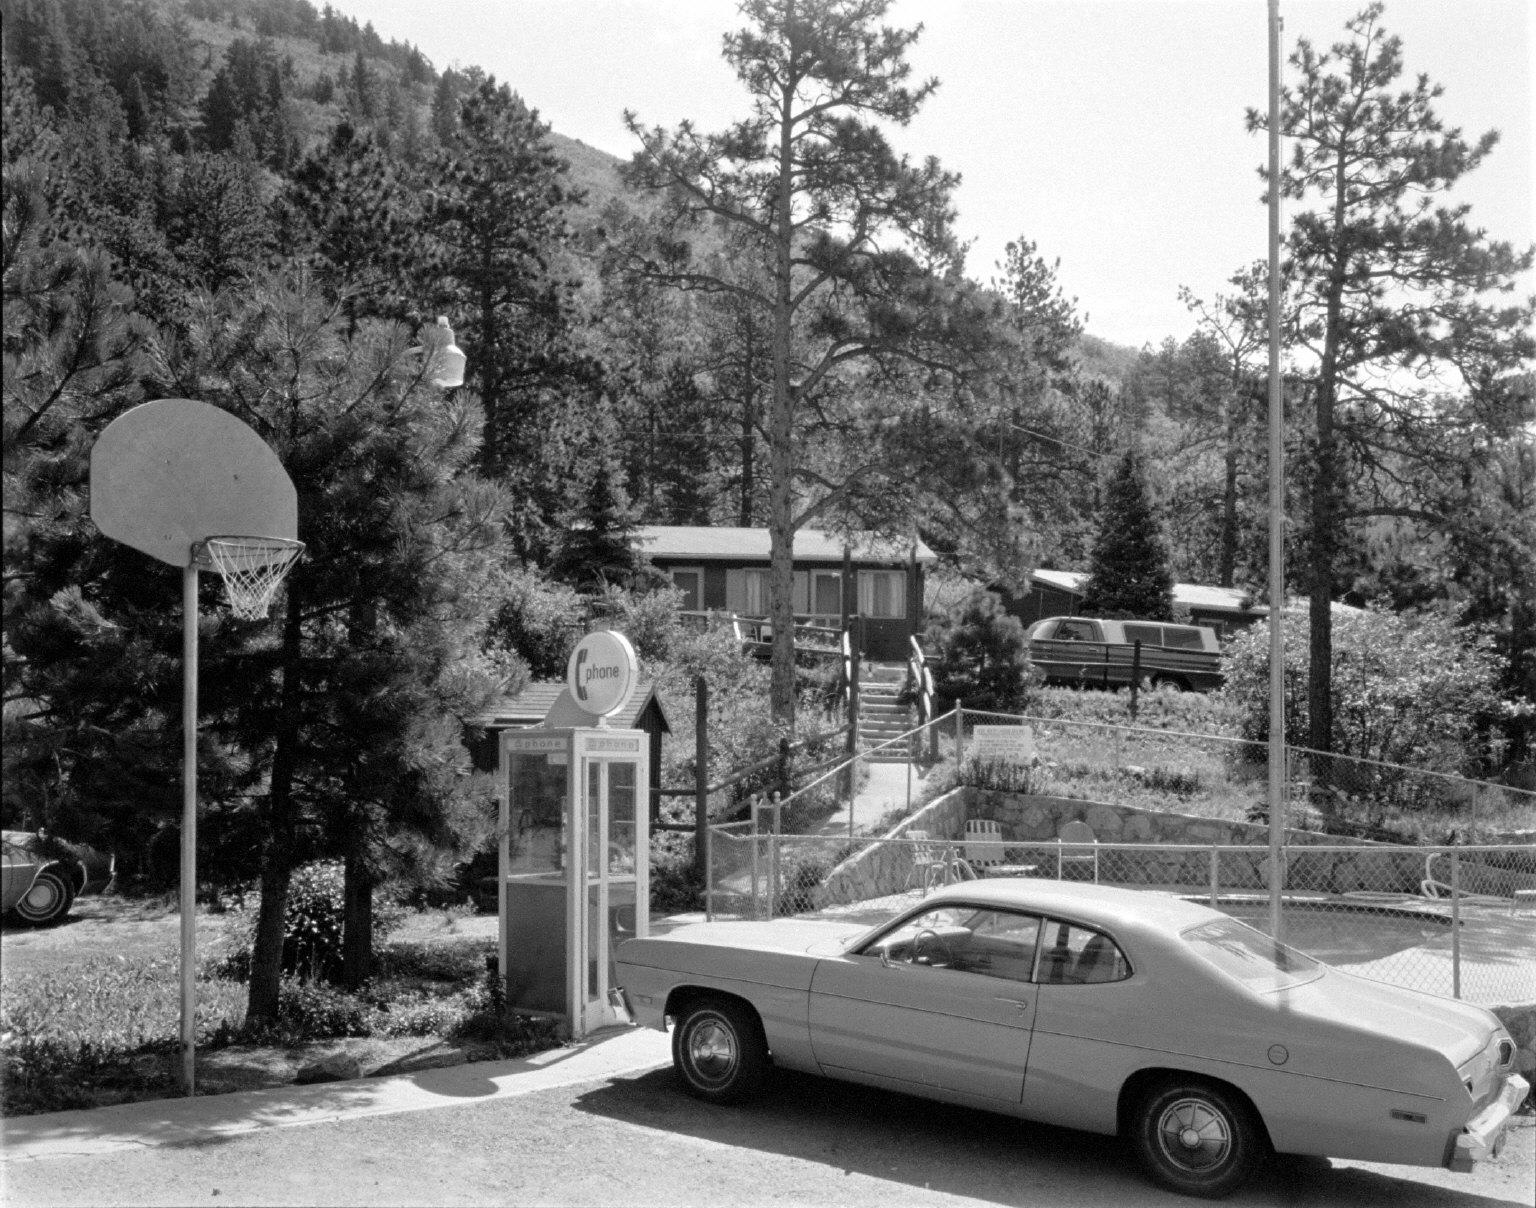 Colorado Roadside